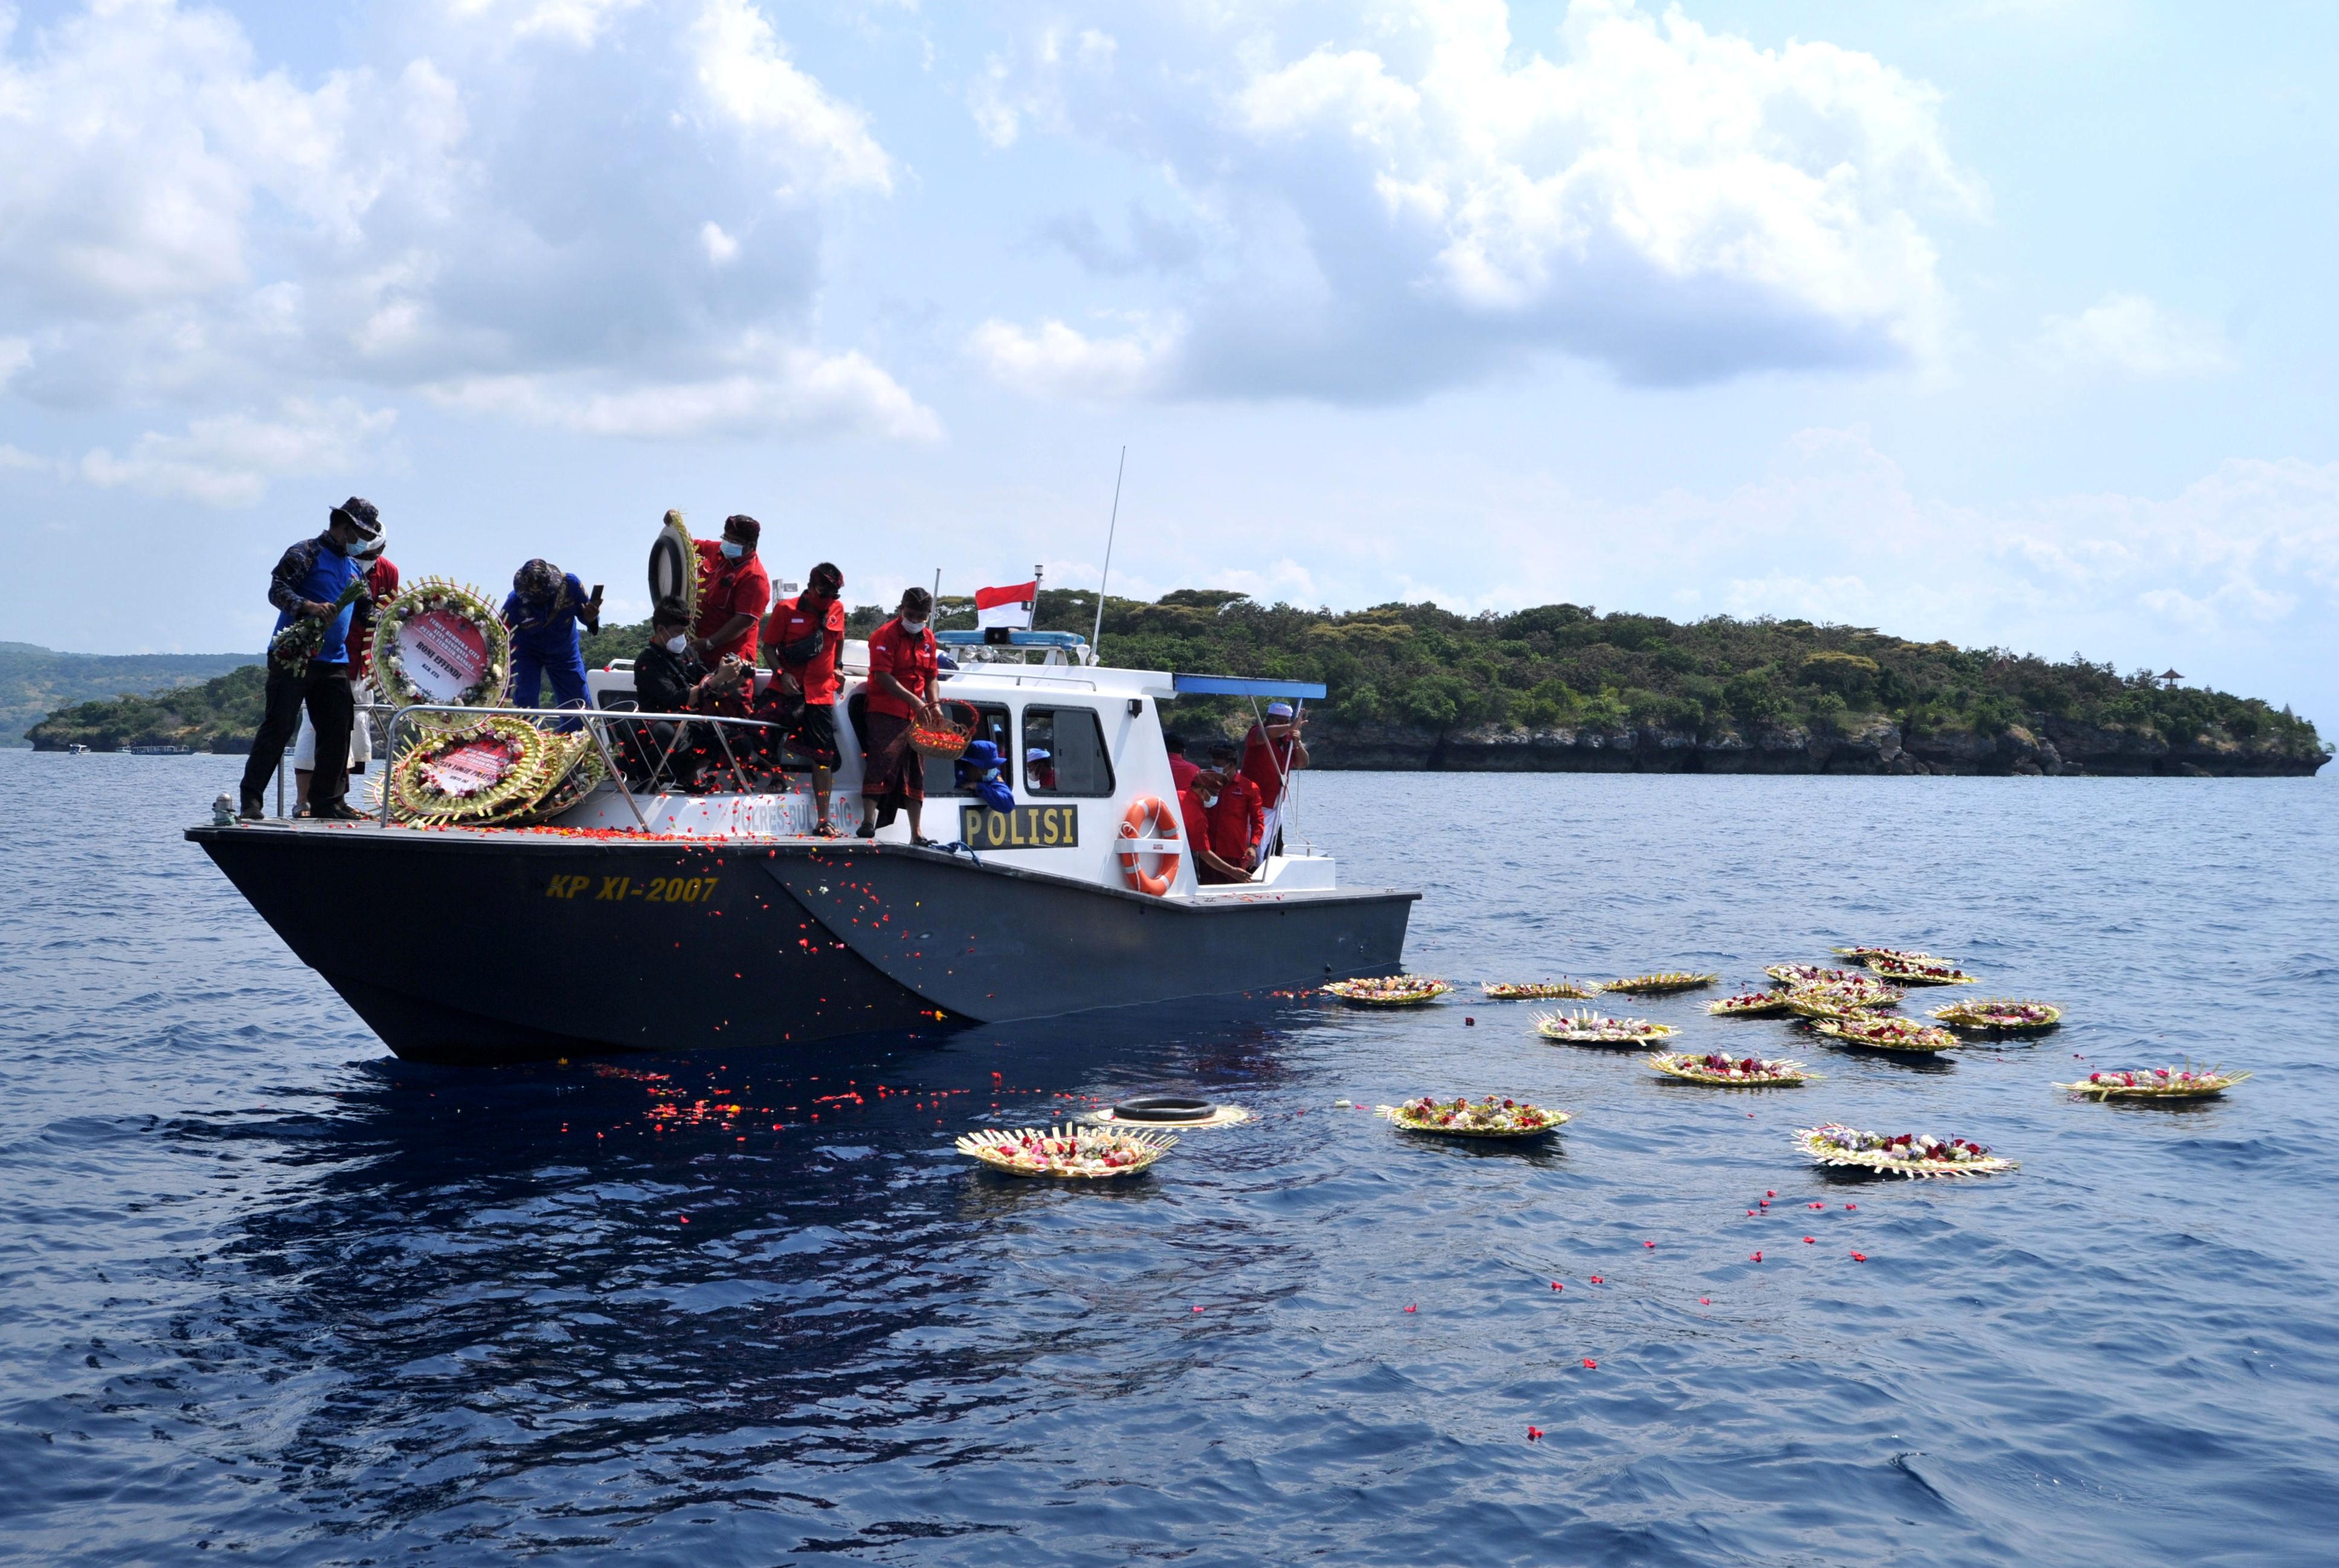 Orangorang melempar bunga dan kelopak dengan nama awak kapal selam KRI Nanggala402 yang tenggelam dari kapal saat berdoa di laut dekat Labuhan Lalang, Bali, Indonesia 26 April 2021, dalam foto ini diambil oleh Antara Foto/Fikri Yusuf/via Reuters